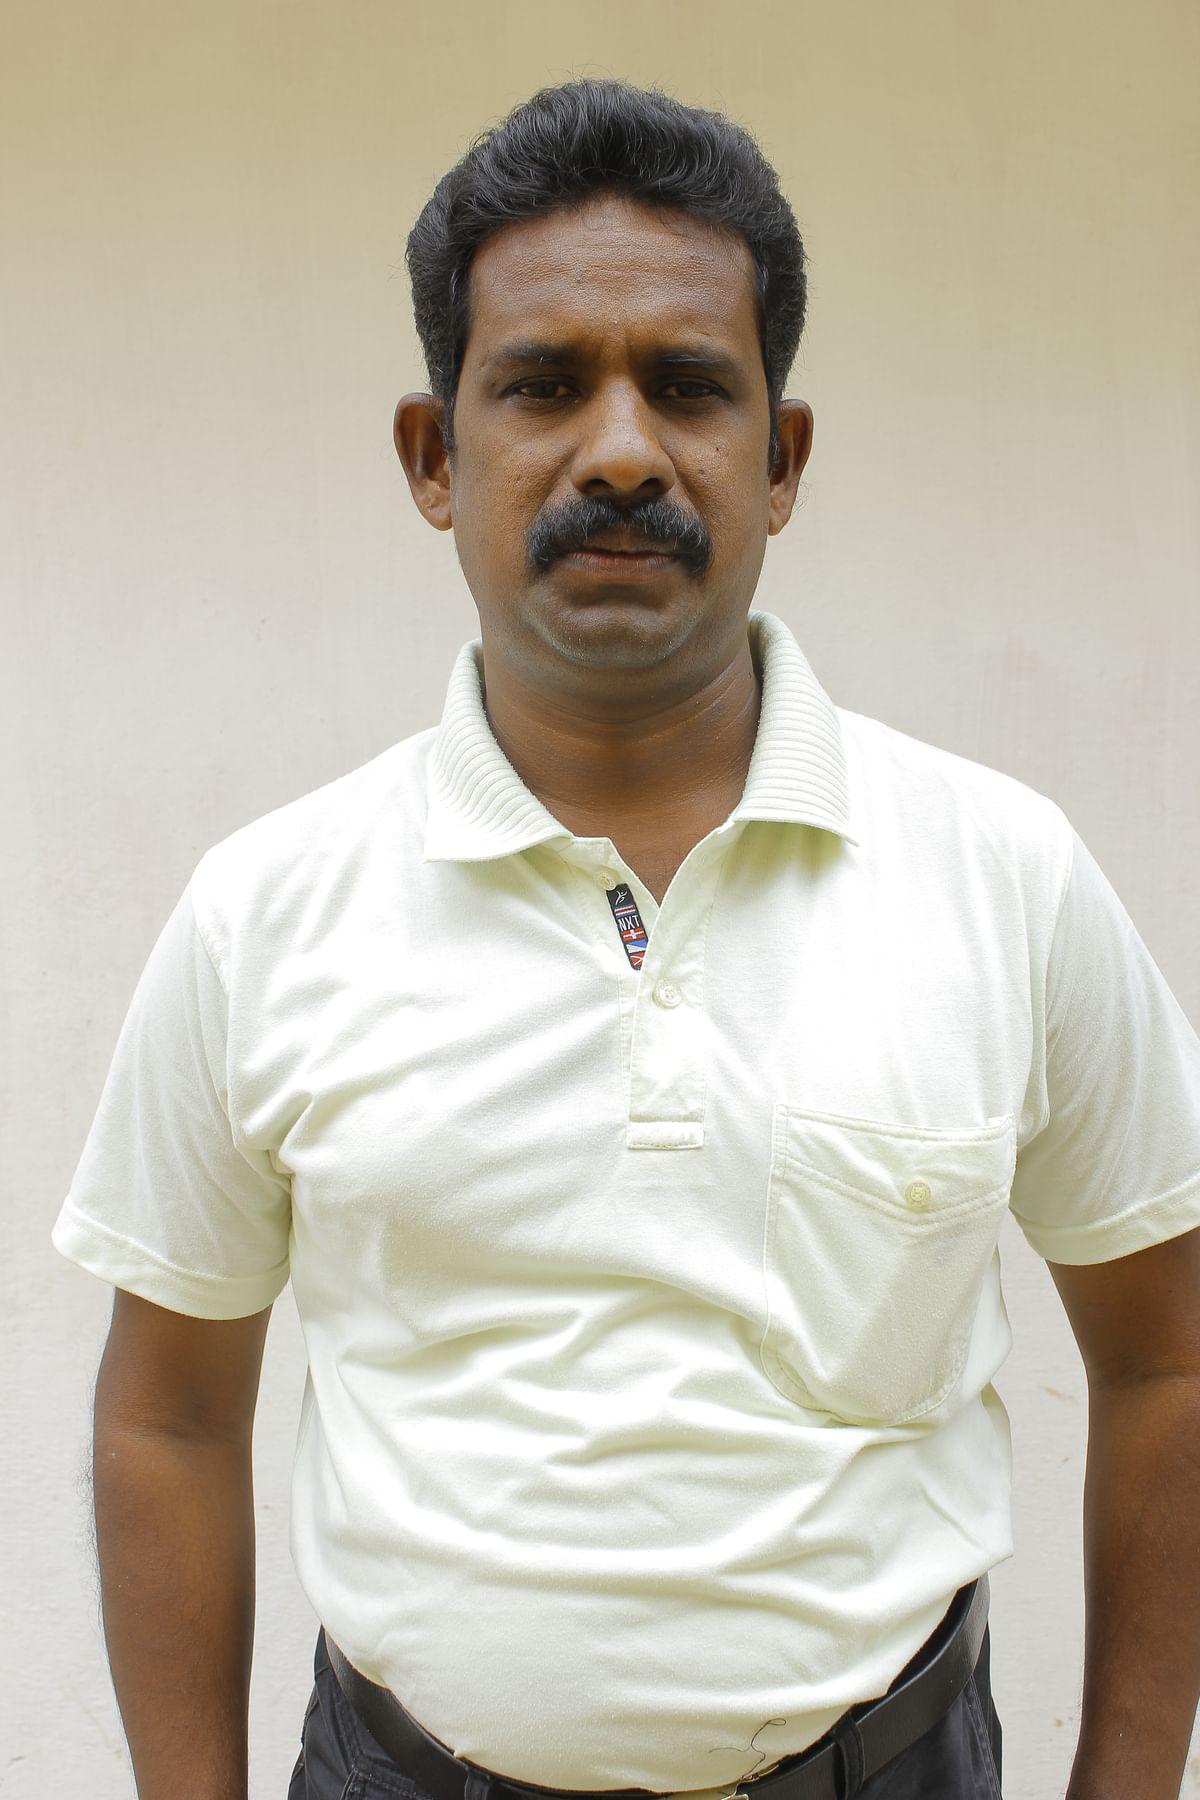 கு. ராமகிருஷ்ணன்